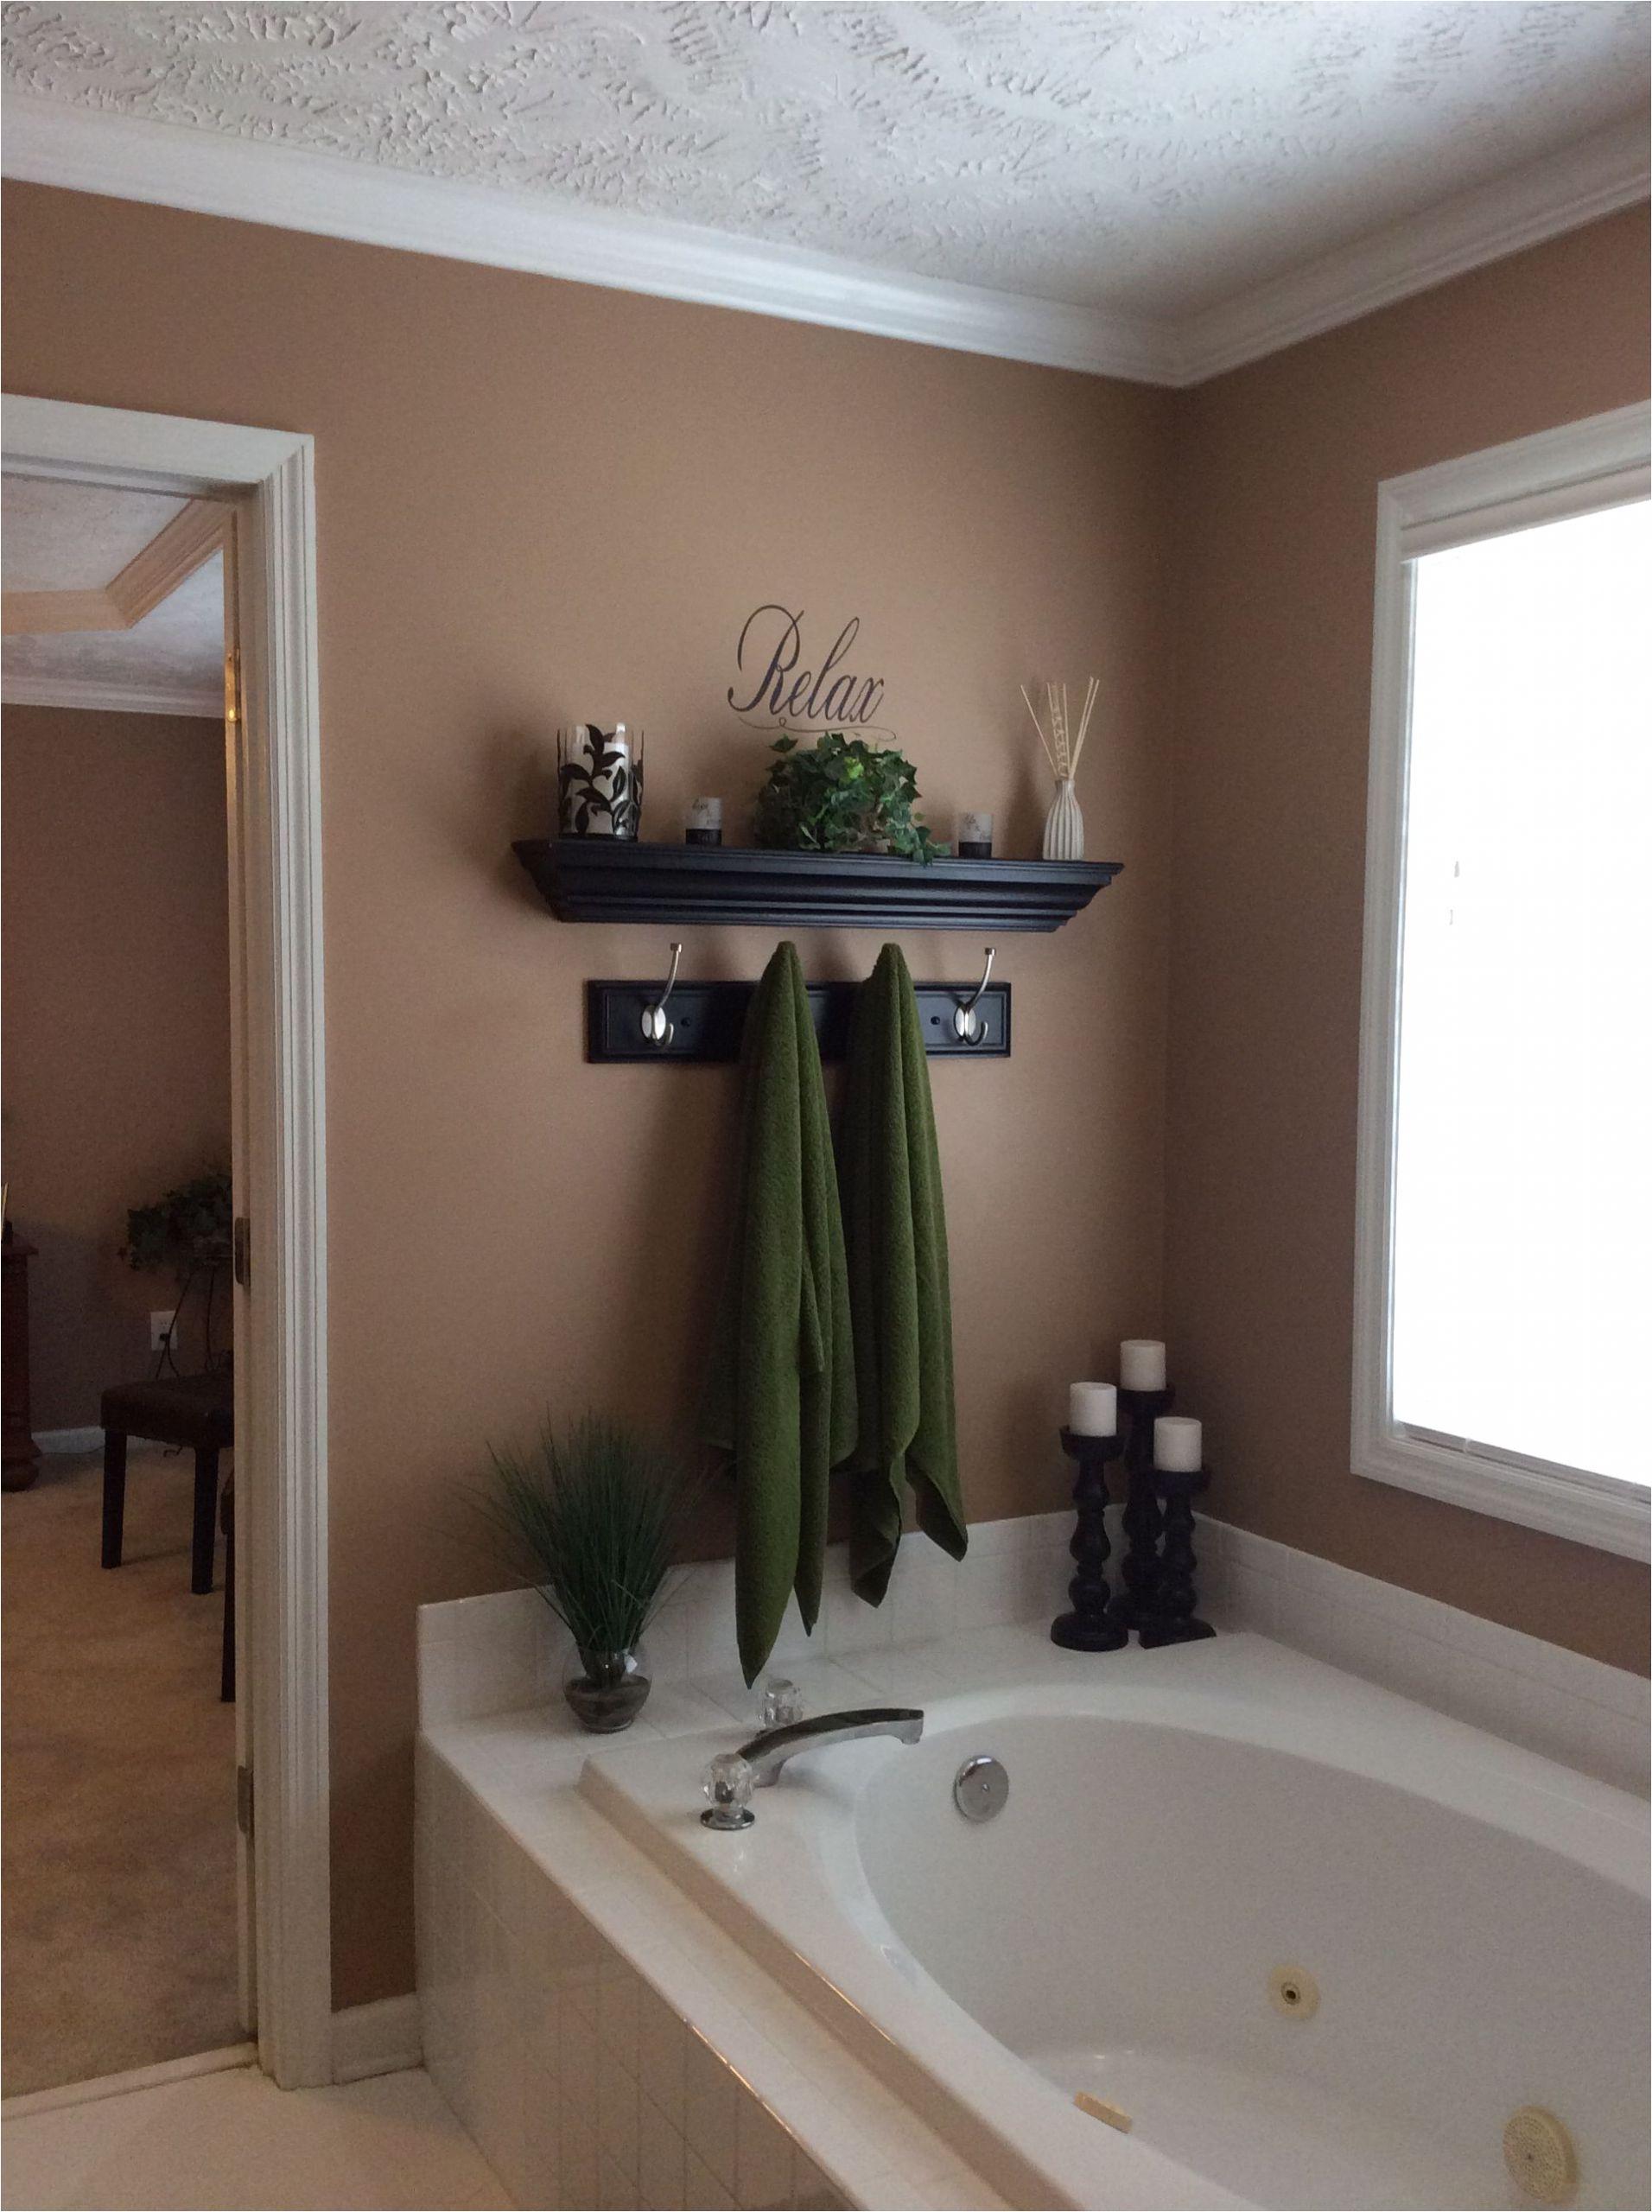 Garden Bathtub Decorating Ideas Garden Tub Wall Decor Home Decor Pinterest